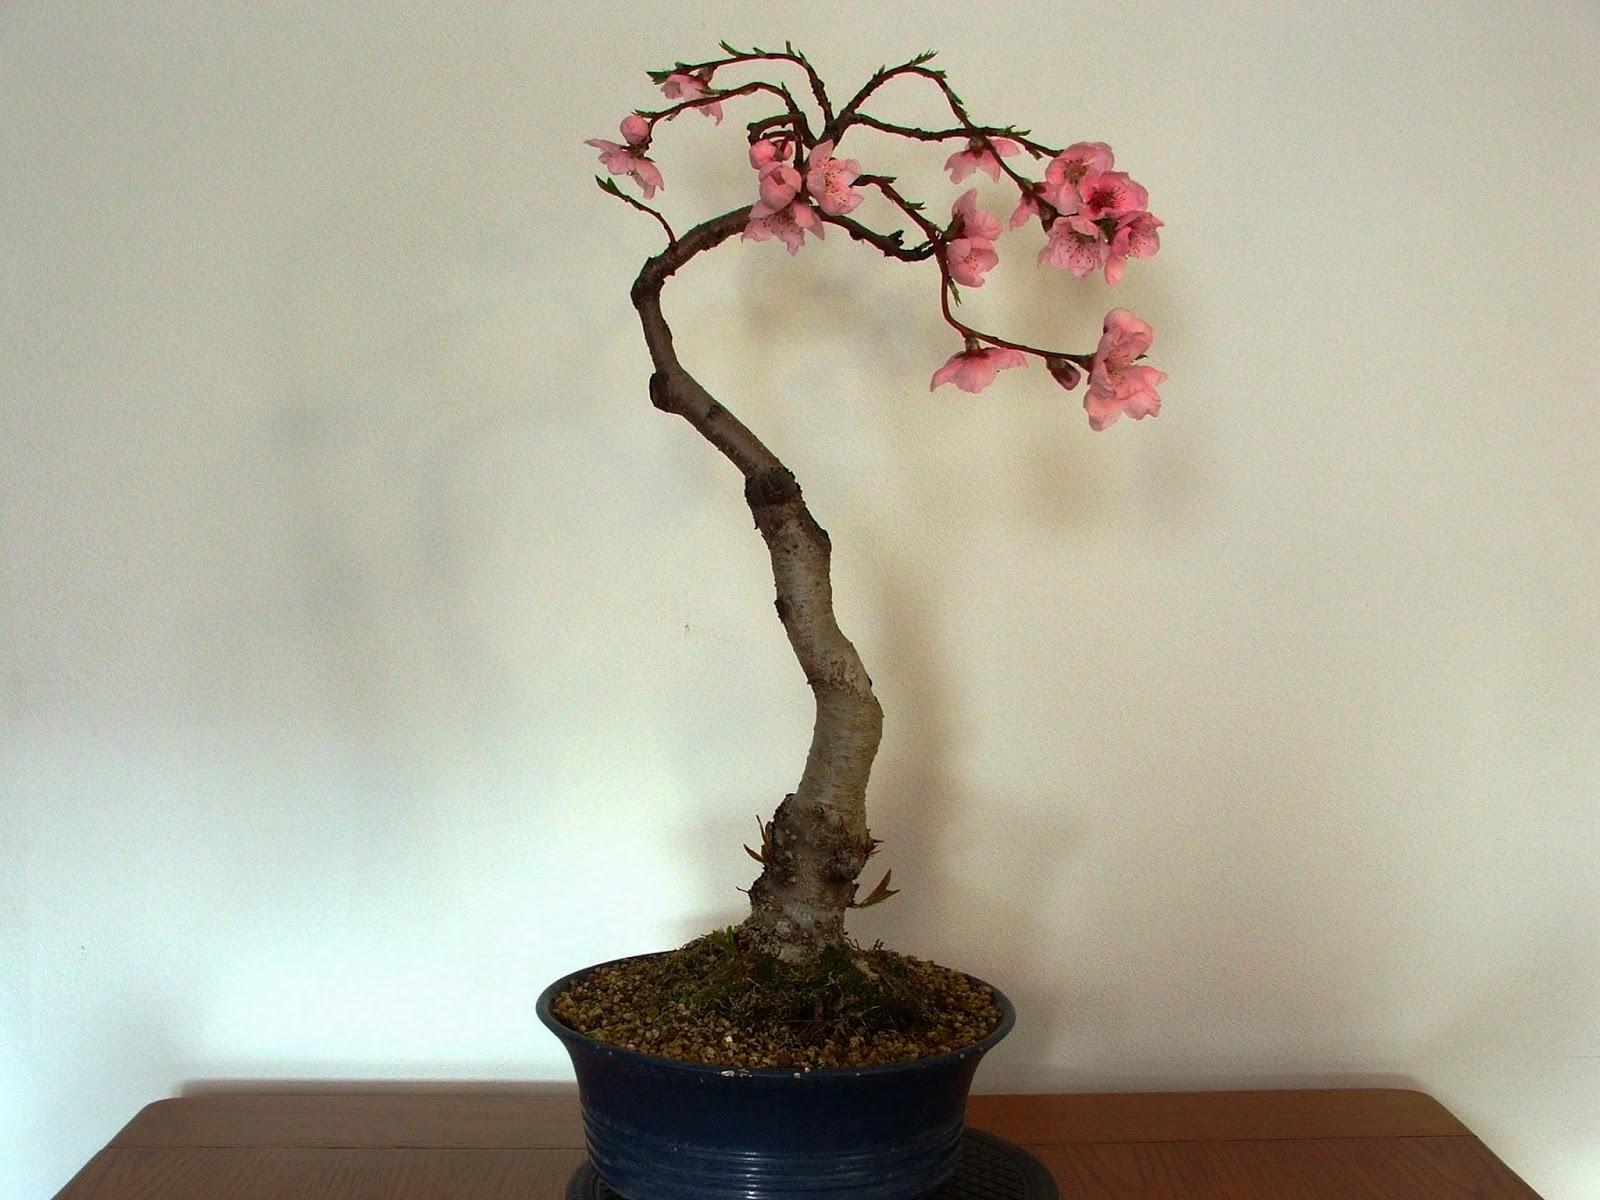 Evoluzione bonsai bonsai di pesco peach prunus persica for Bonsai ciliegio